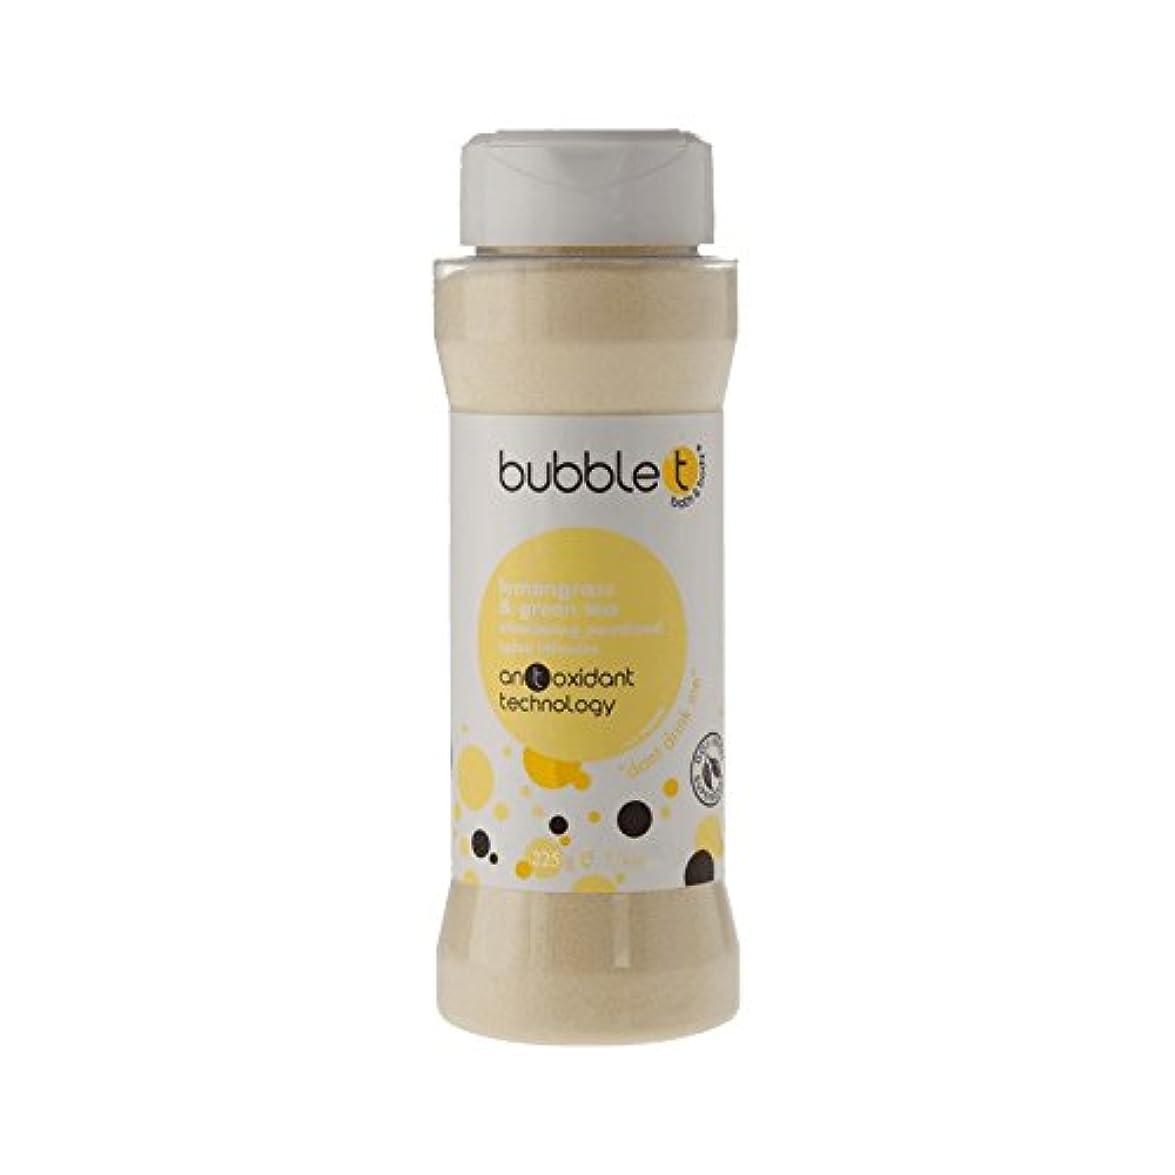 偶然の閃光引き潮Bubble T Bath Spice Infusion Lemongrass & Green Tea 225g (Pack of 2) - バブルトン風呂スパイス注入レモングラス&緑茶225グラム (x2) [並行輸入品]